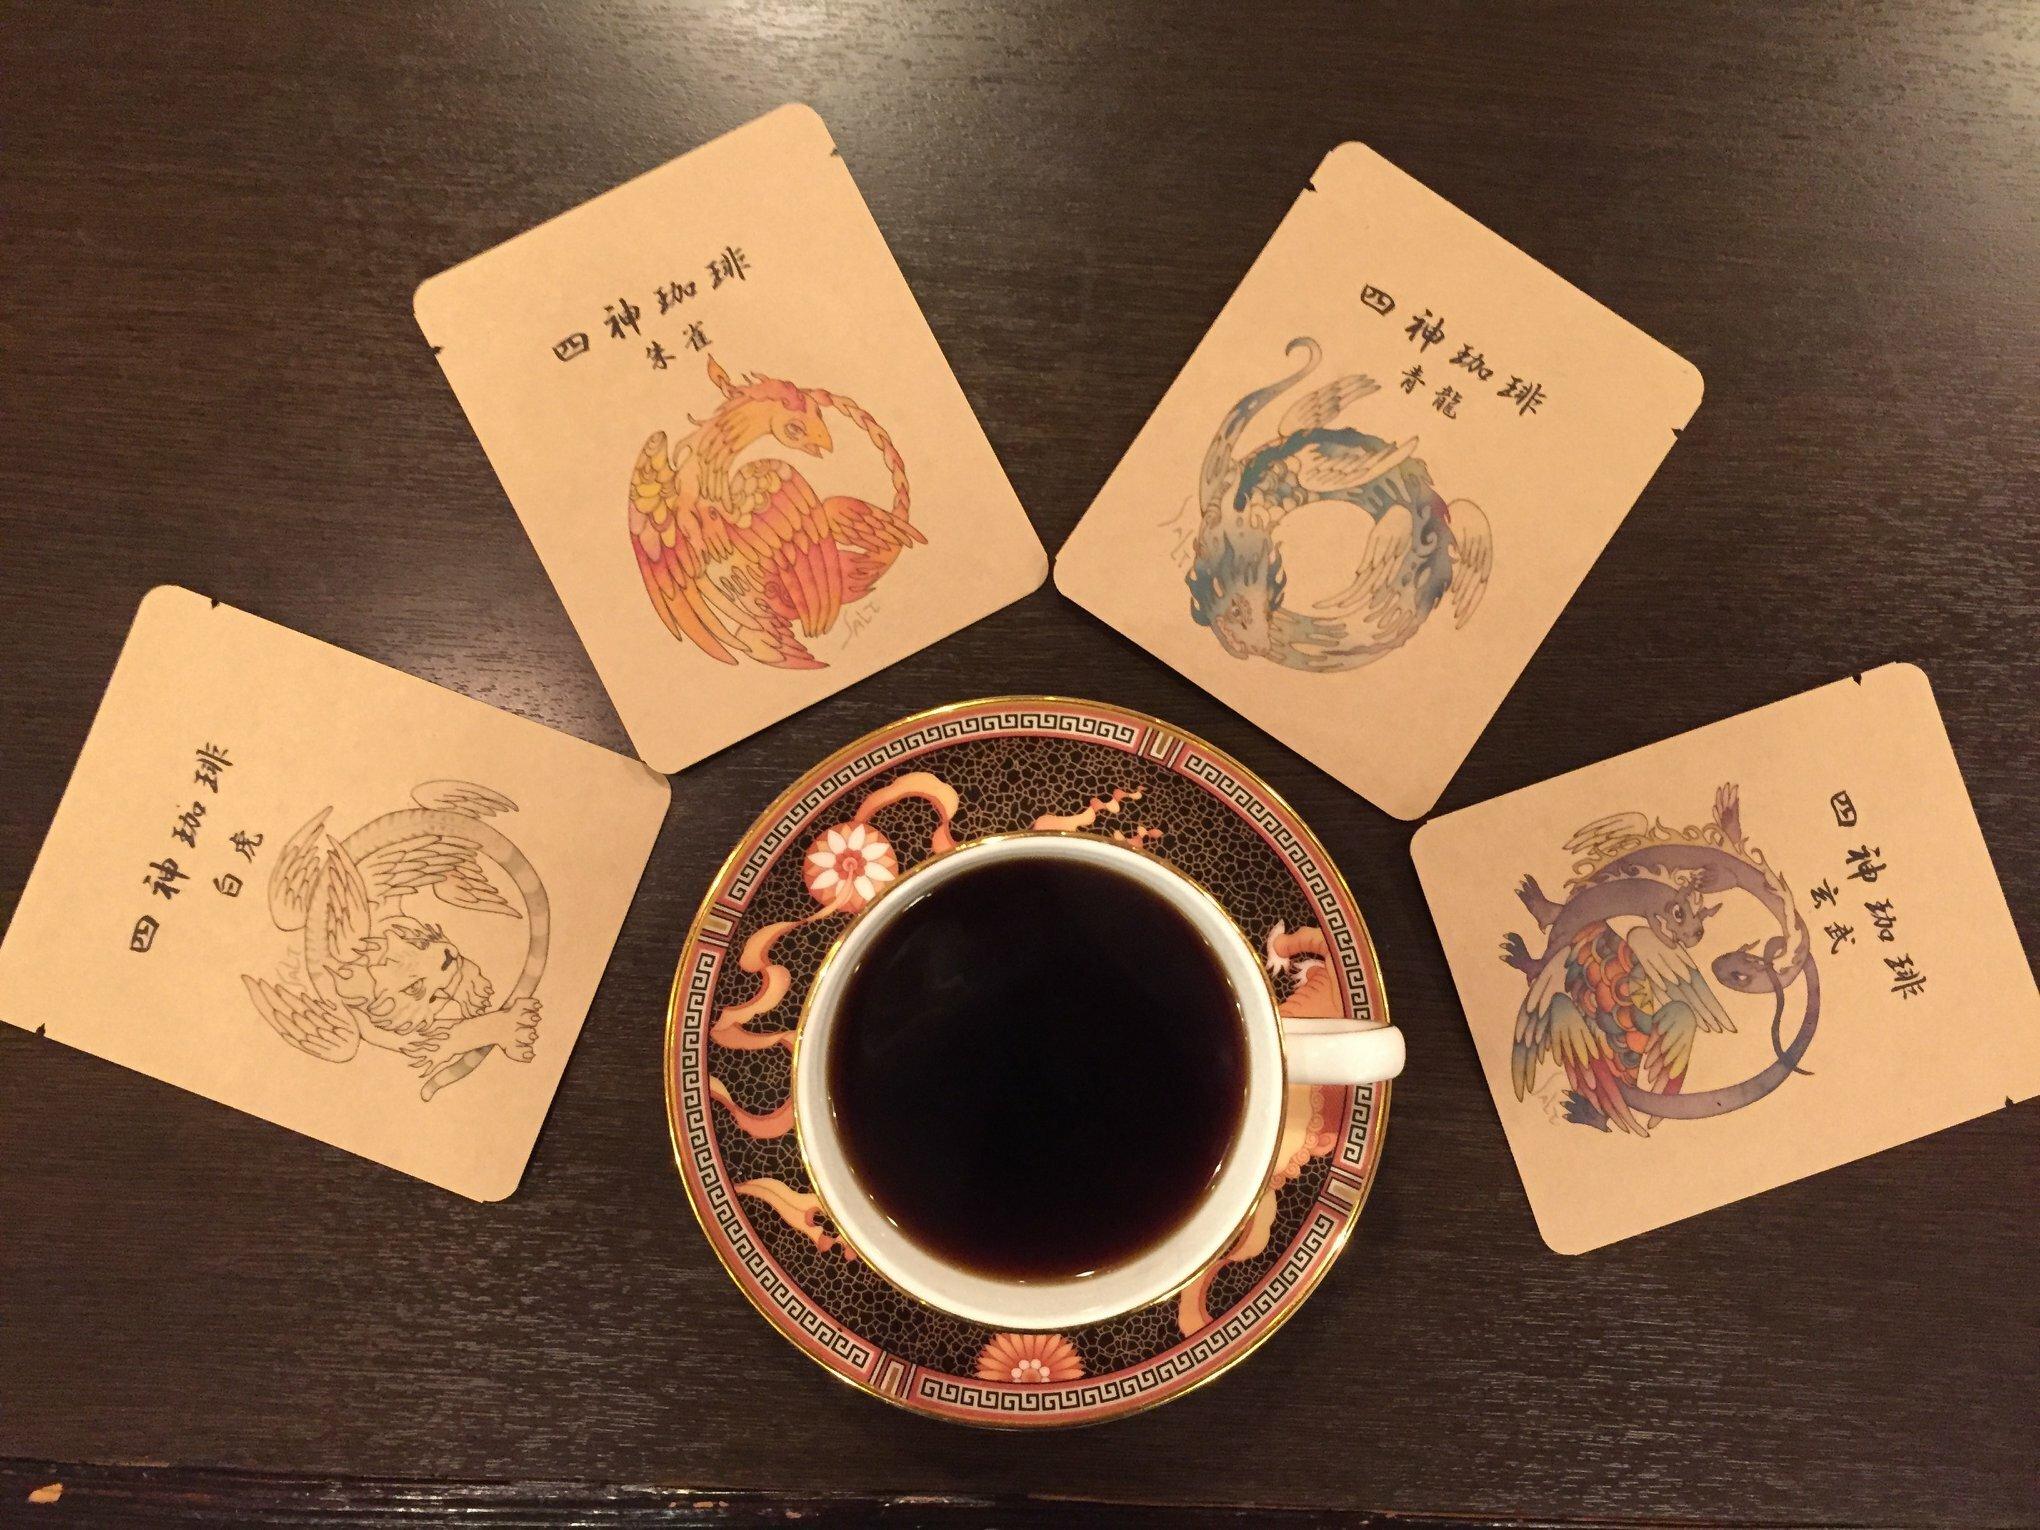 【メール便】伝説の四神獣をイメージしたドリップ珈琲 四神珈琲 4袋セット